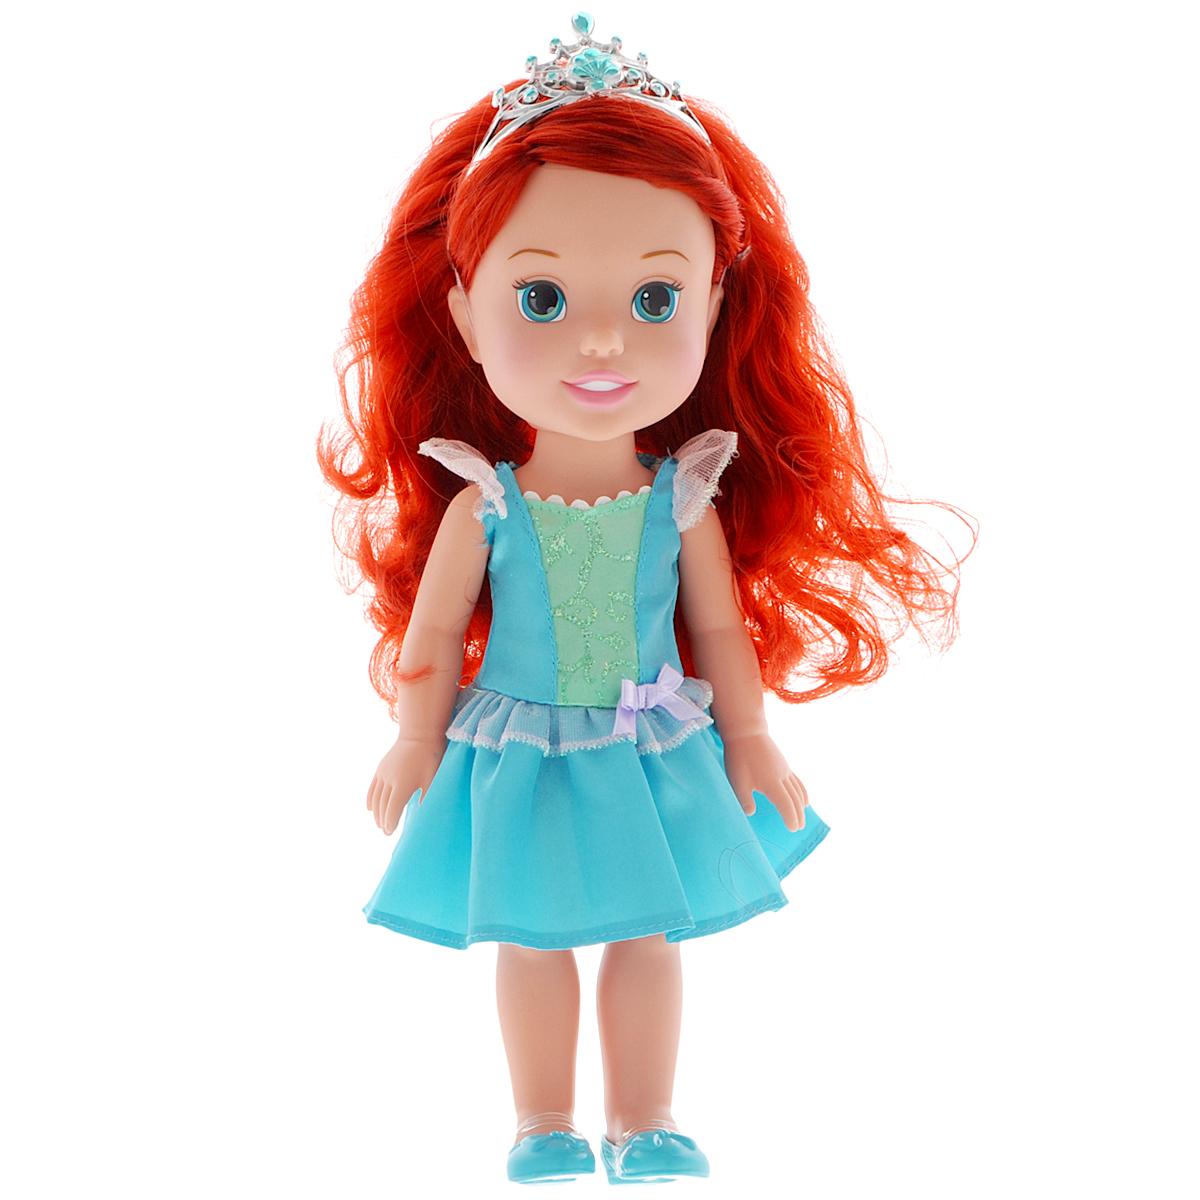 Disney Princess Кукла Малышка Ариэль цвет платья голубой disney кукла ариэль disney princess